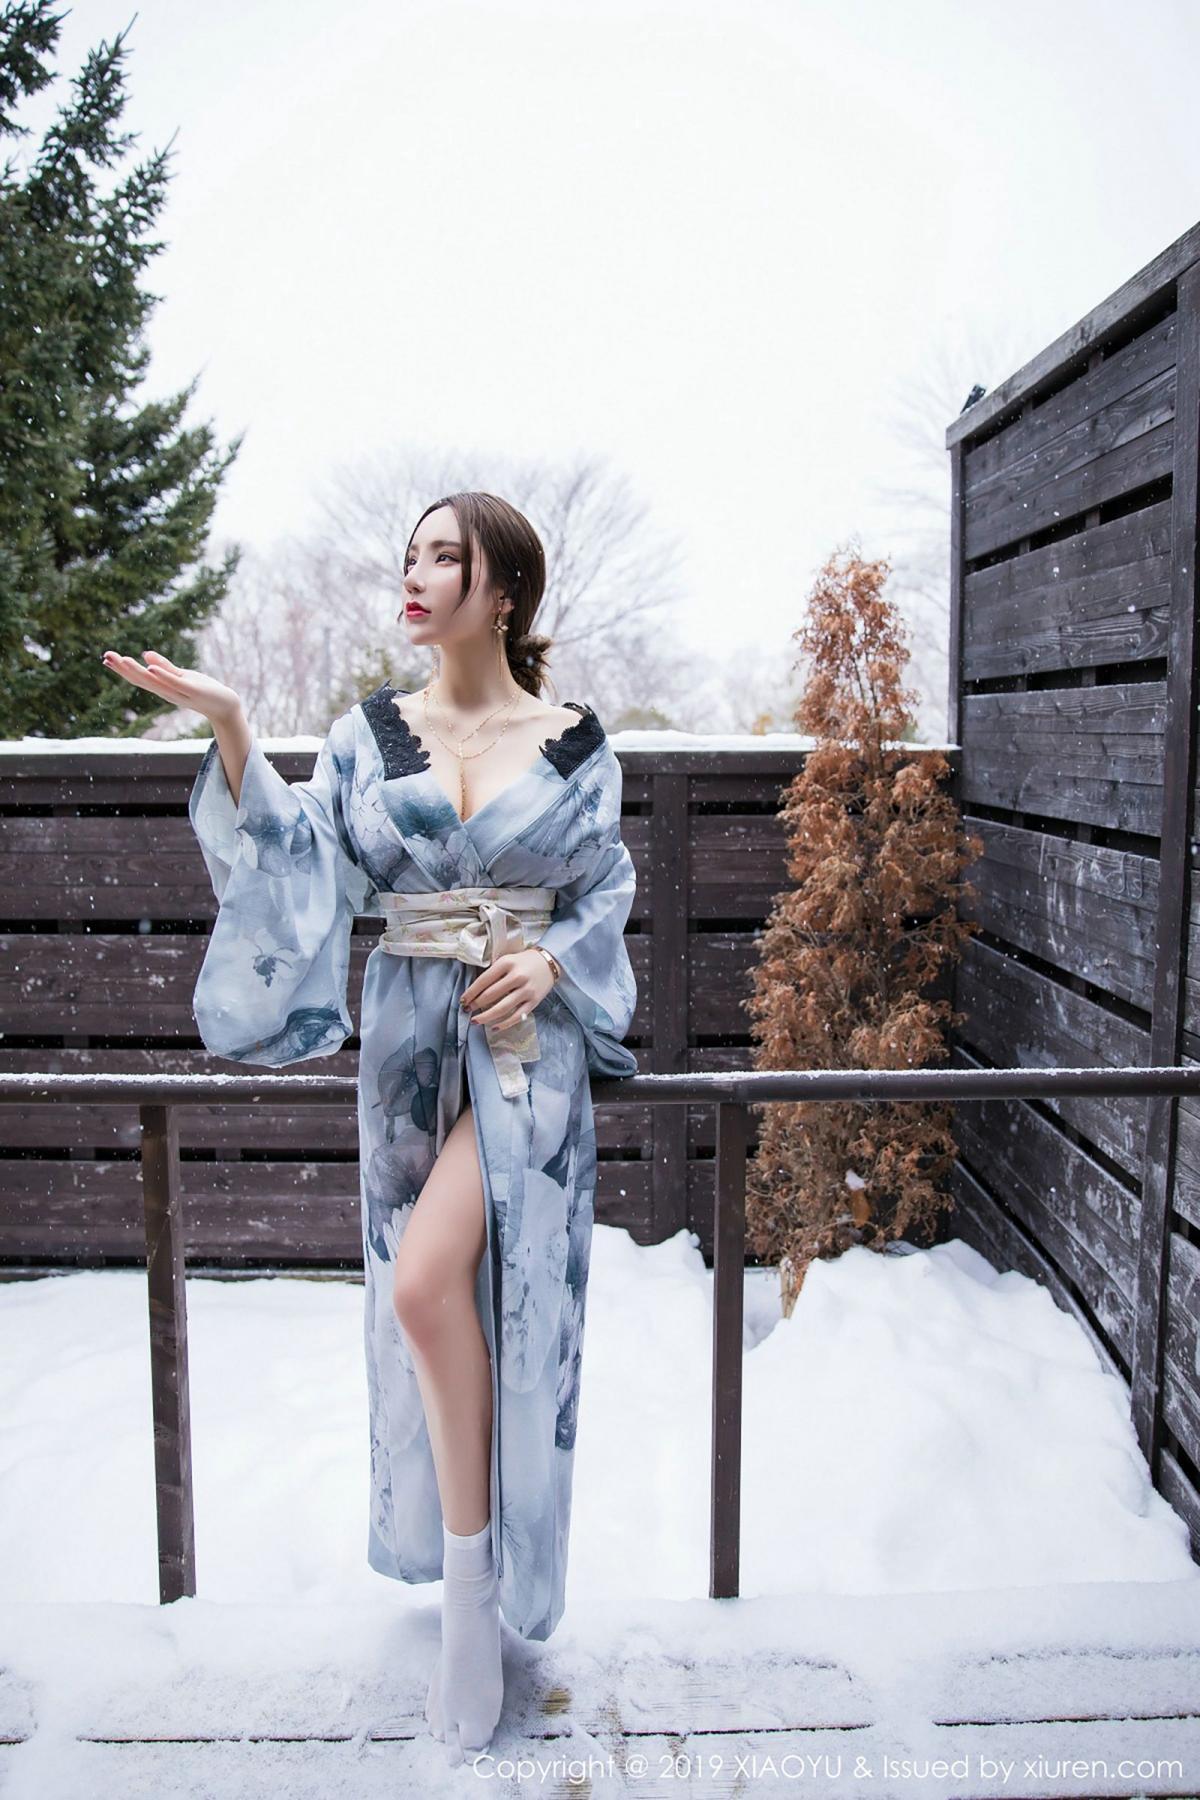 [XiaoYu] Vol.007 Zhou Yu Xi 1P, Snow, Tall, XiaoYu, Zhou Yu Xi